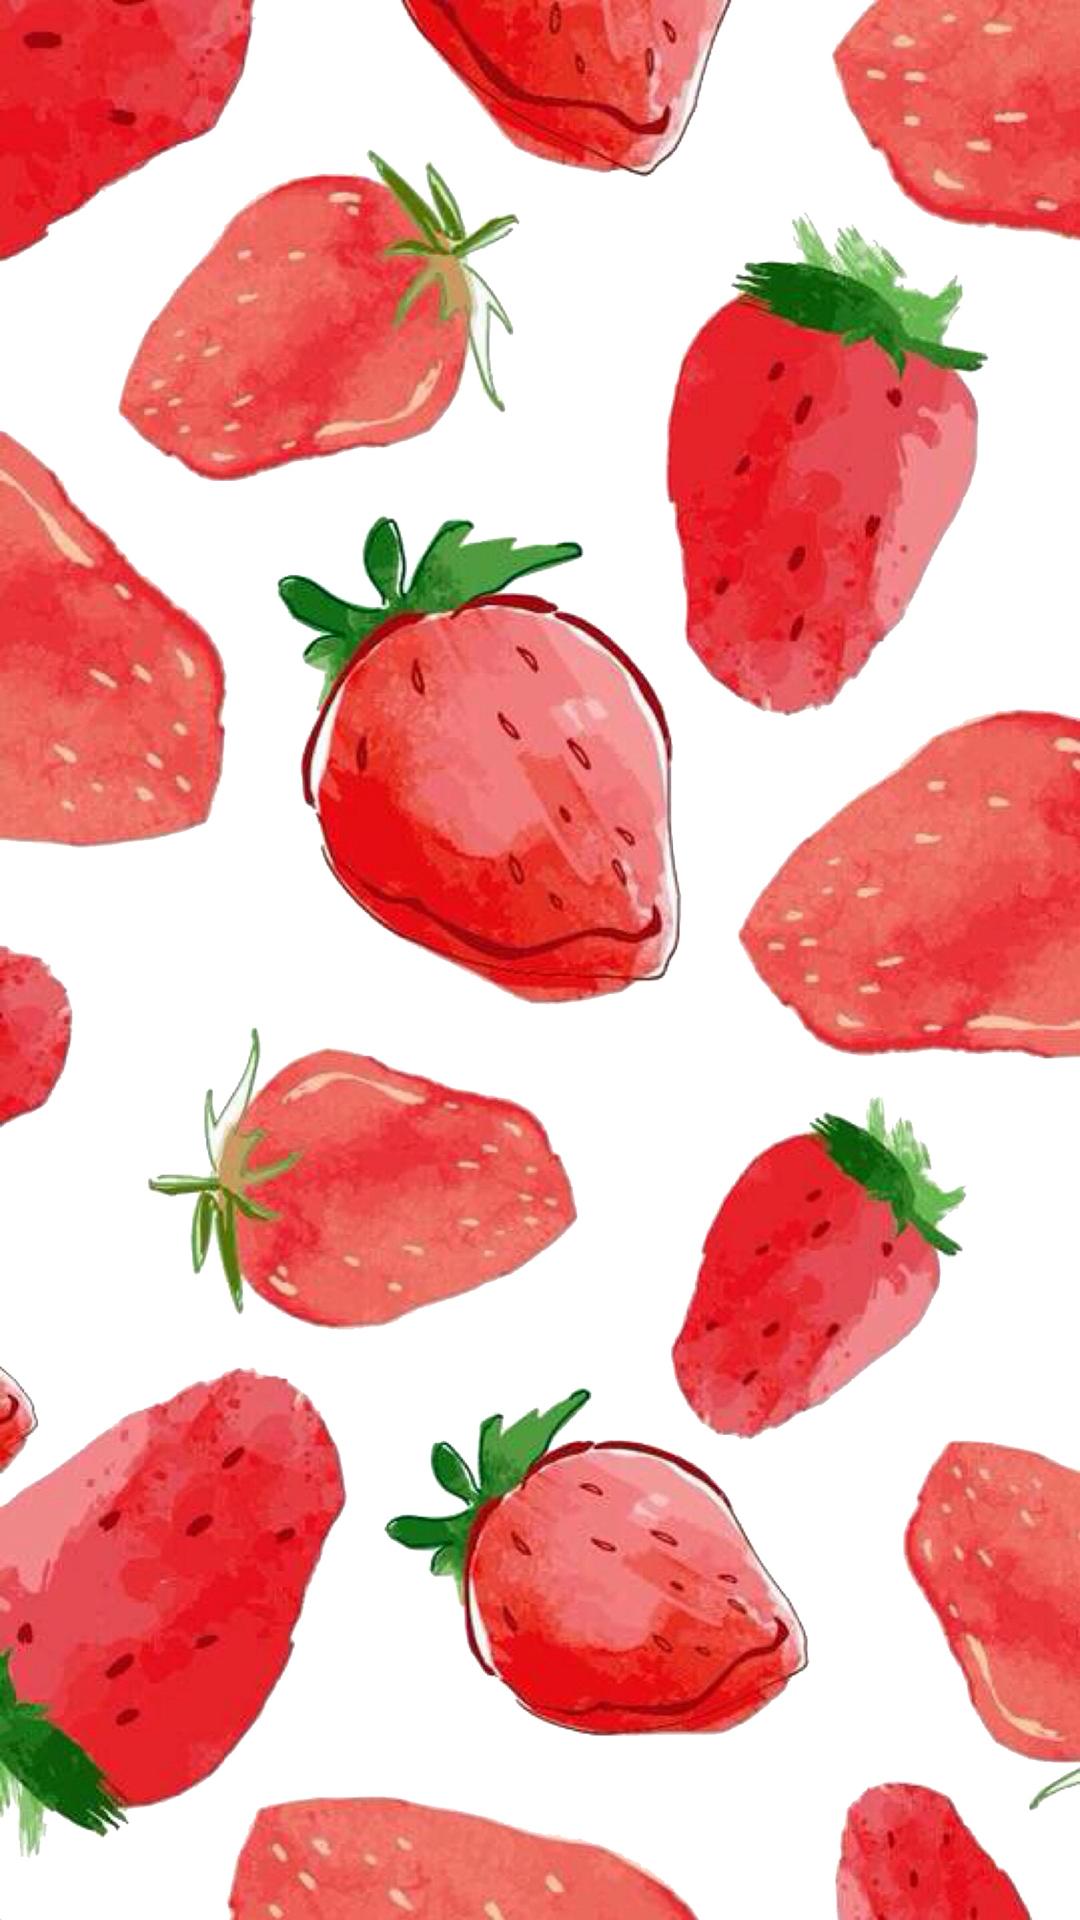 手绘 创意 草莓 水果 红色 苹果手机高清壁纸 1080x